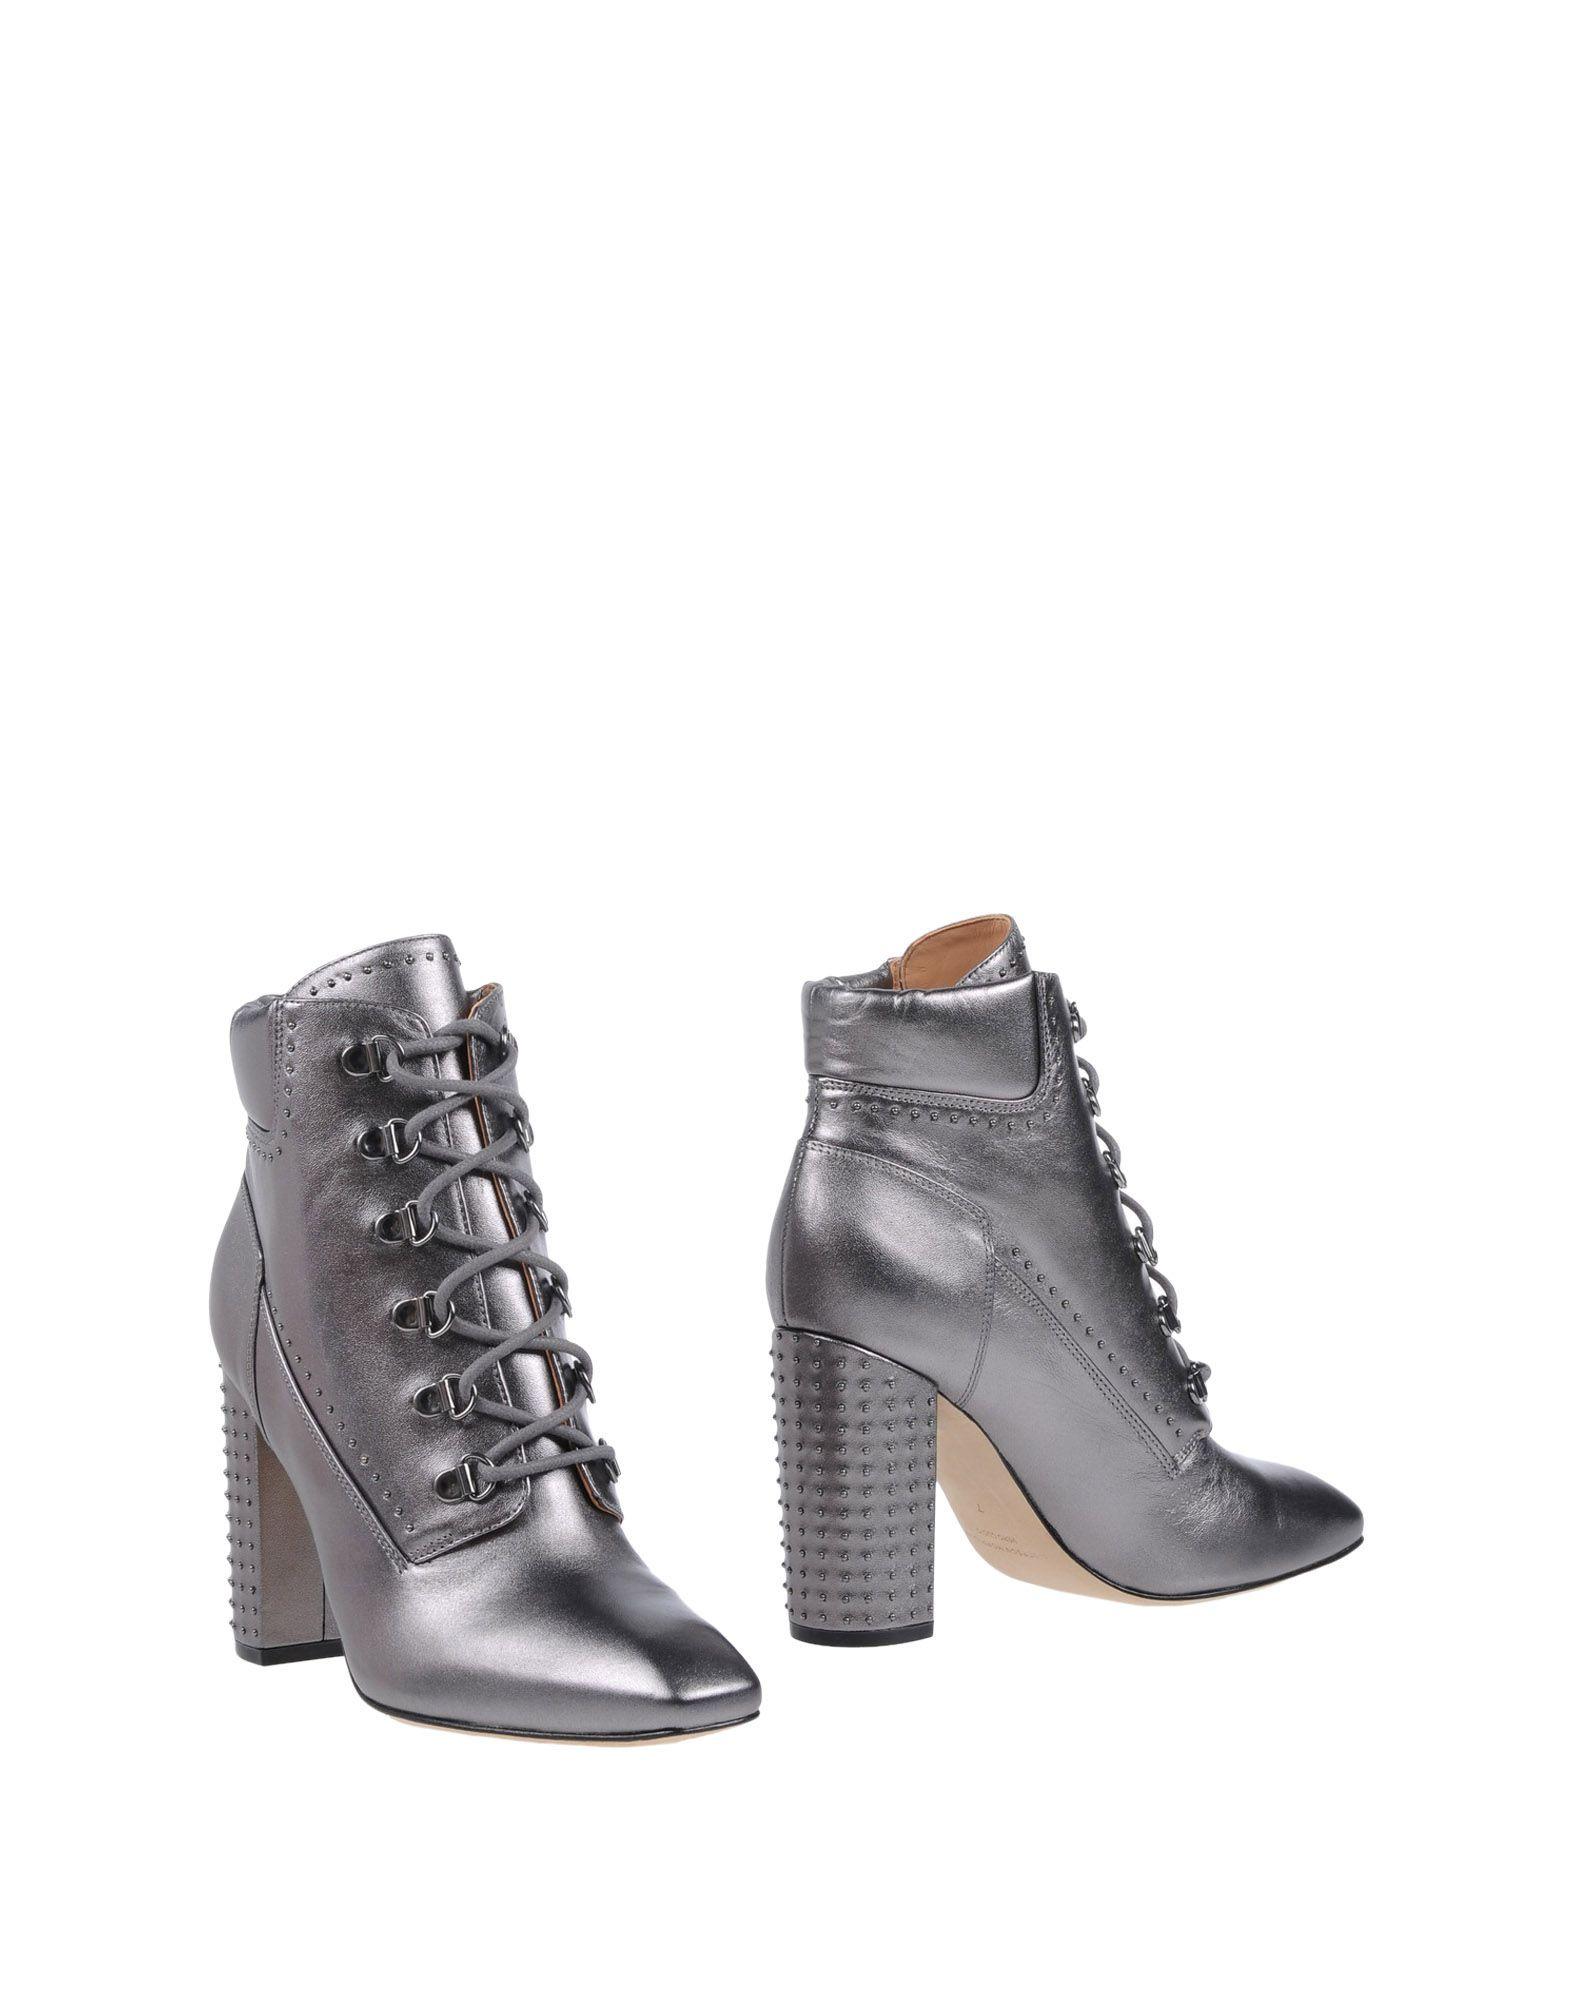 Bottine Sigerson Morrison Femme - Bottines Sigerson Morrison Argent Nouvelles chaussures pour hommes et femmes, remise limitée dans le temps